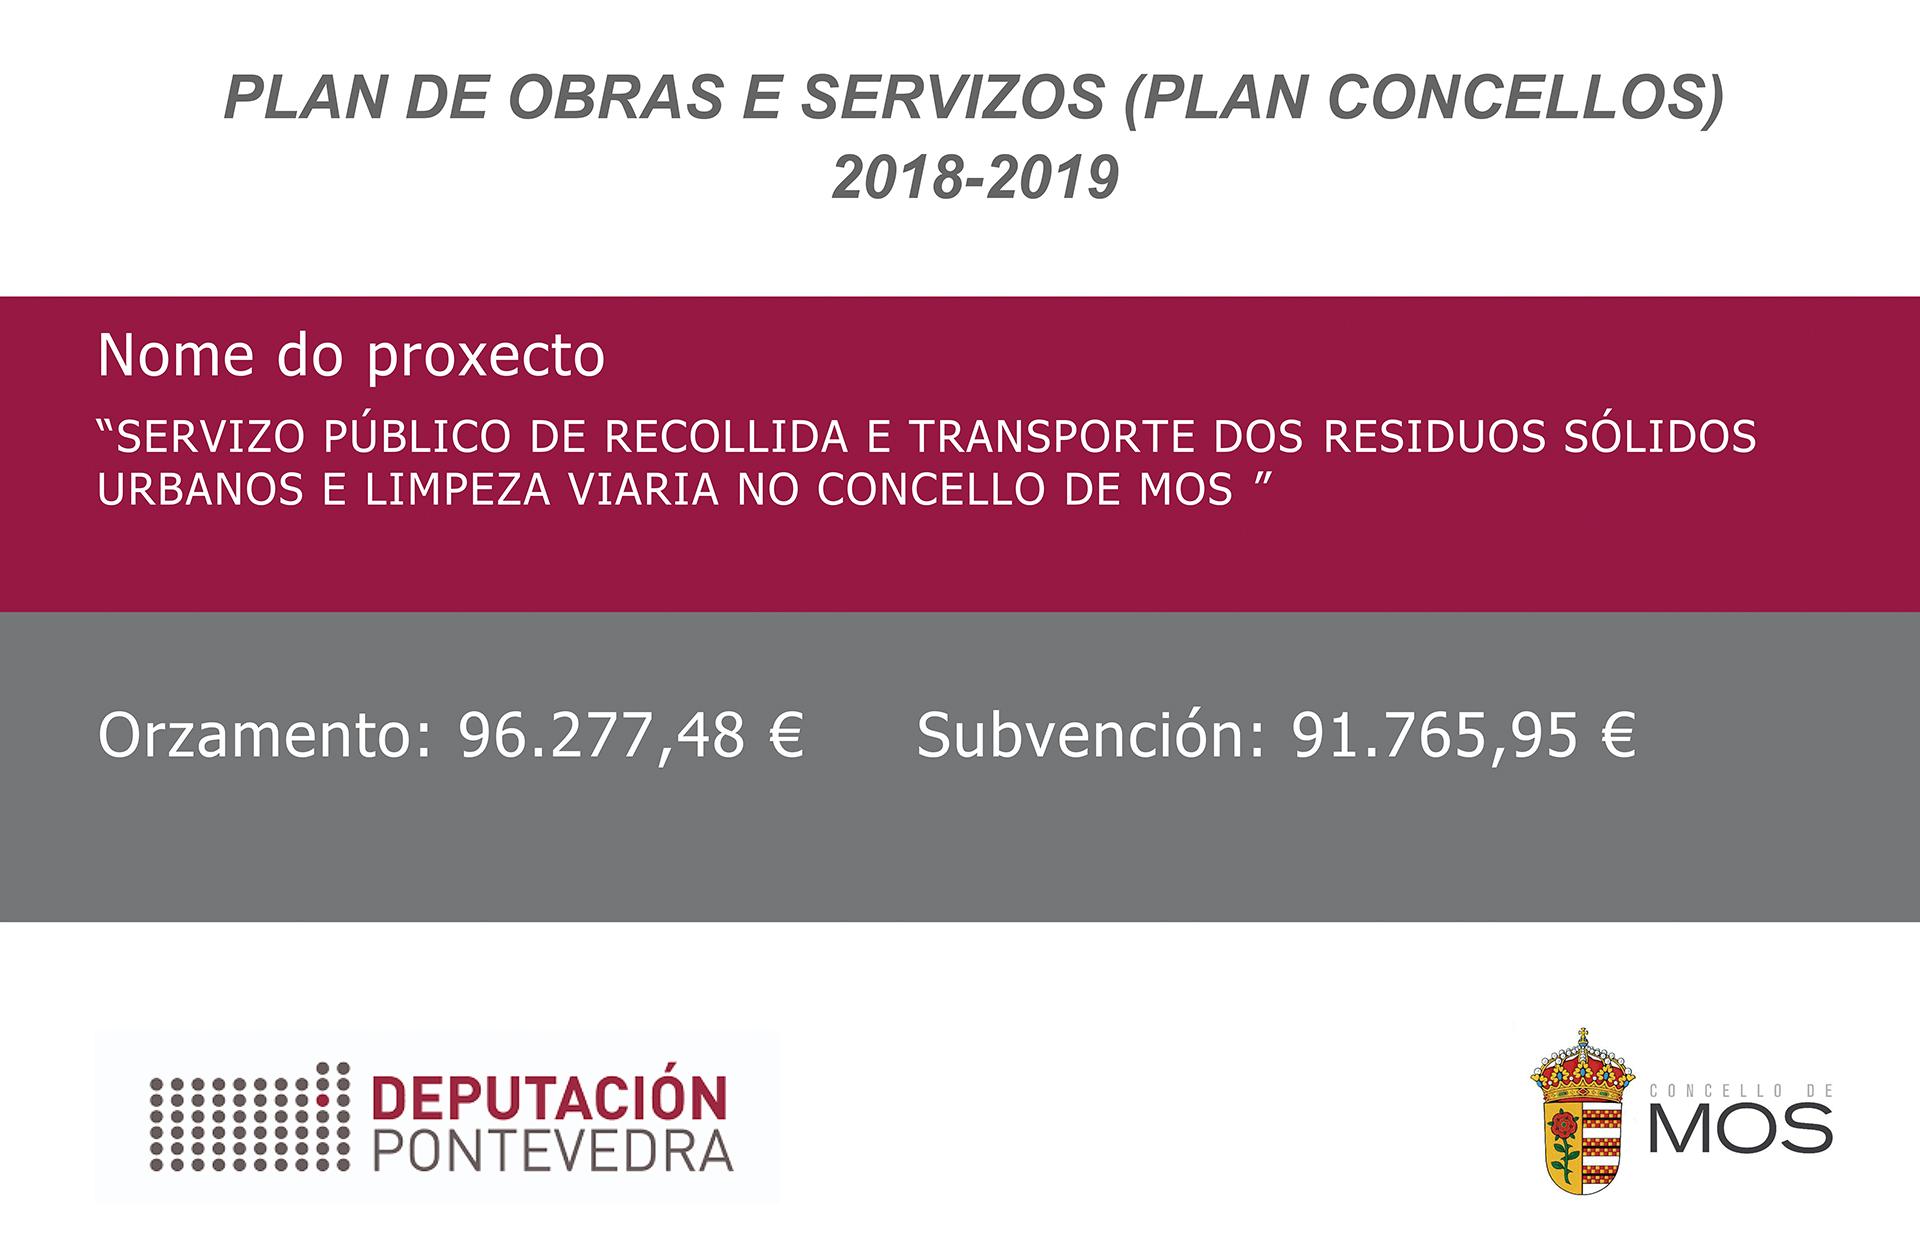 Plan de obras e servizos 2018-2019